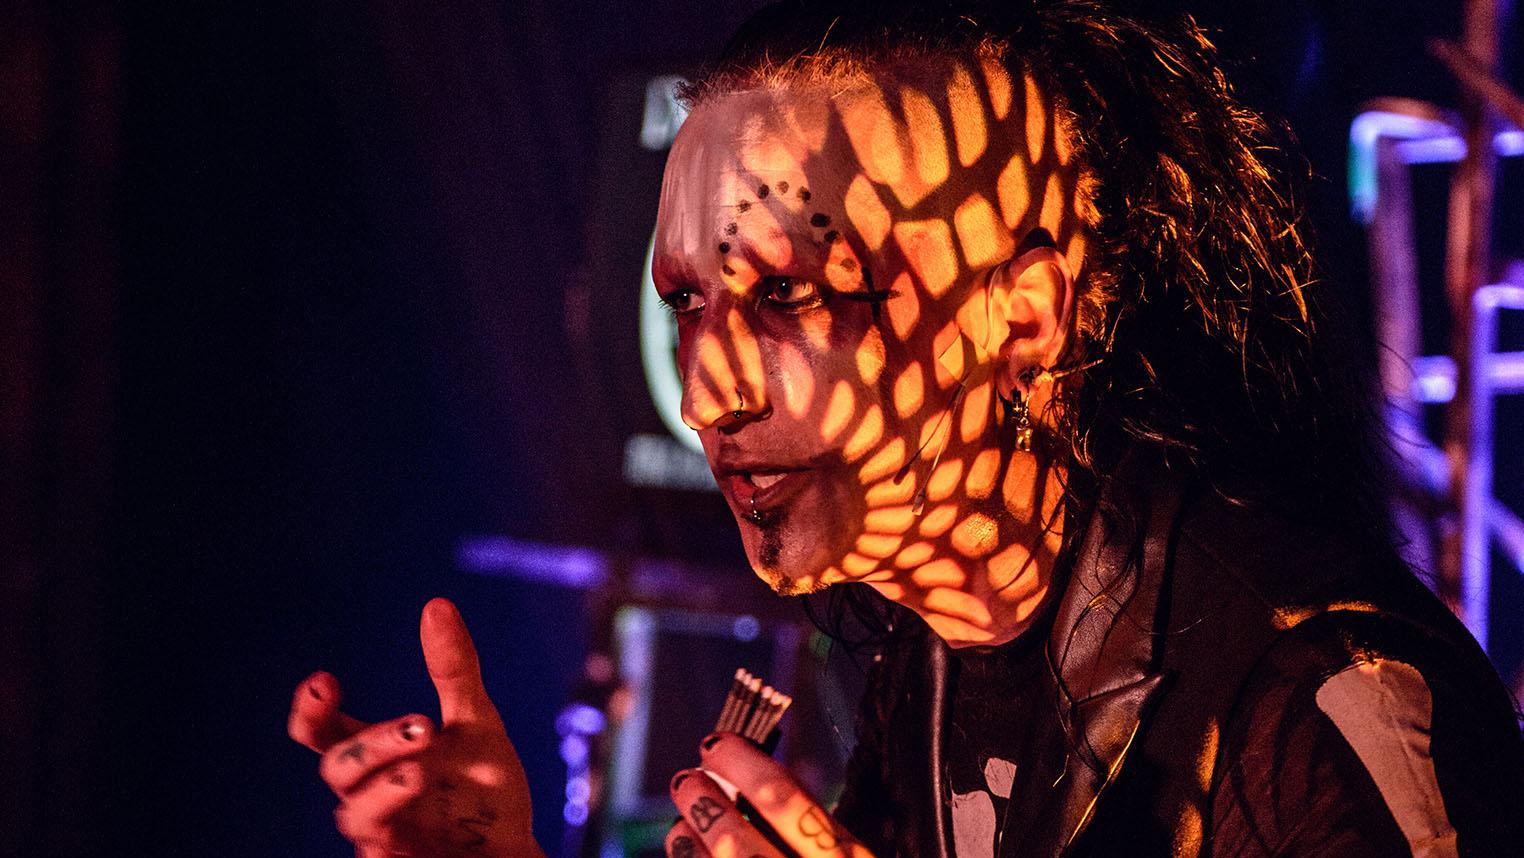 Halloween Weekend - Headliner, Dan Sperry: the Anti-Conjurer, Oct 31 - Nov 2